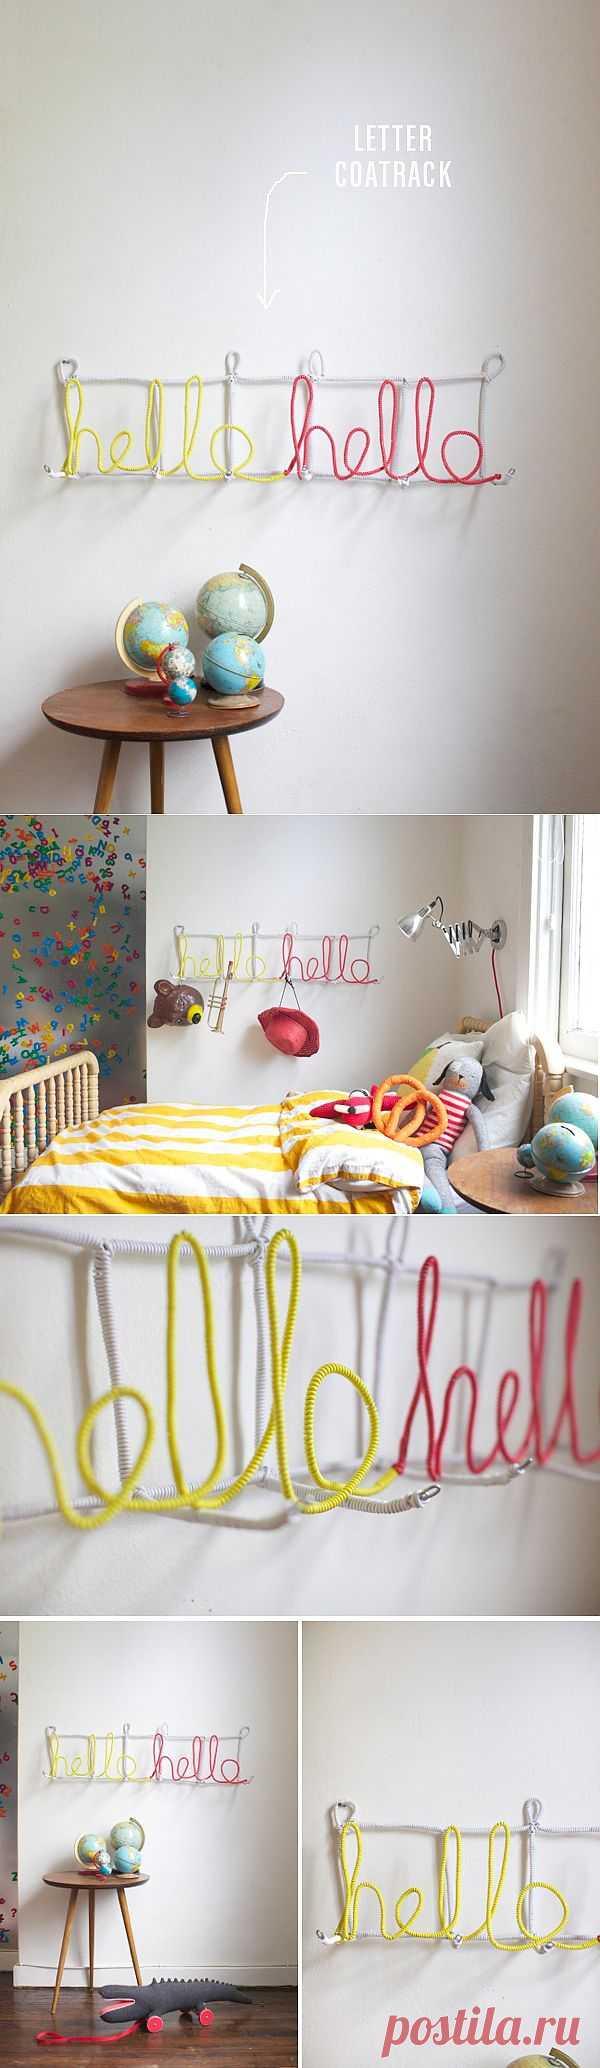 Вешалка-слово / Декор стен / Модный сайт о стильной переделке одежды и интерьера